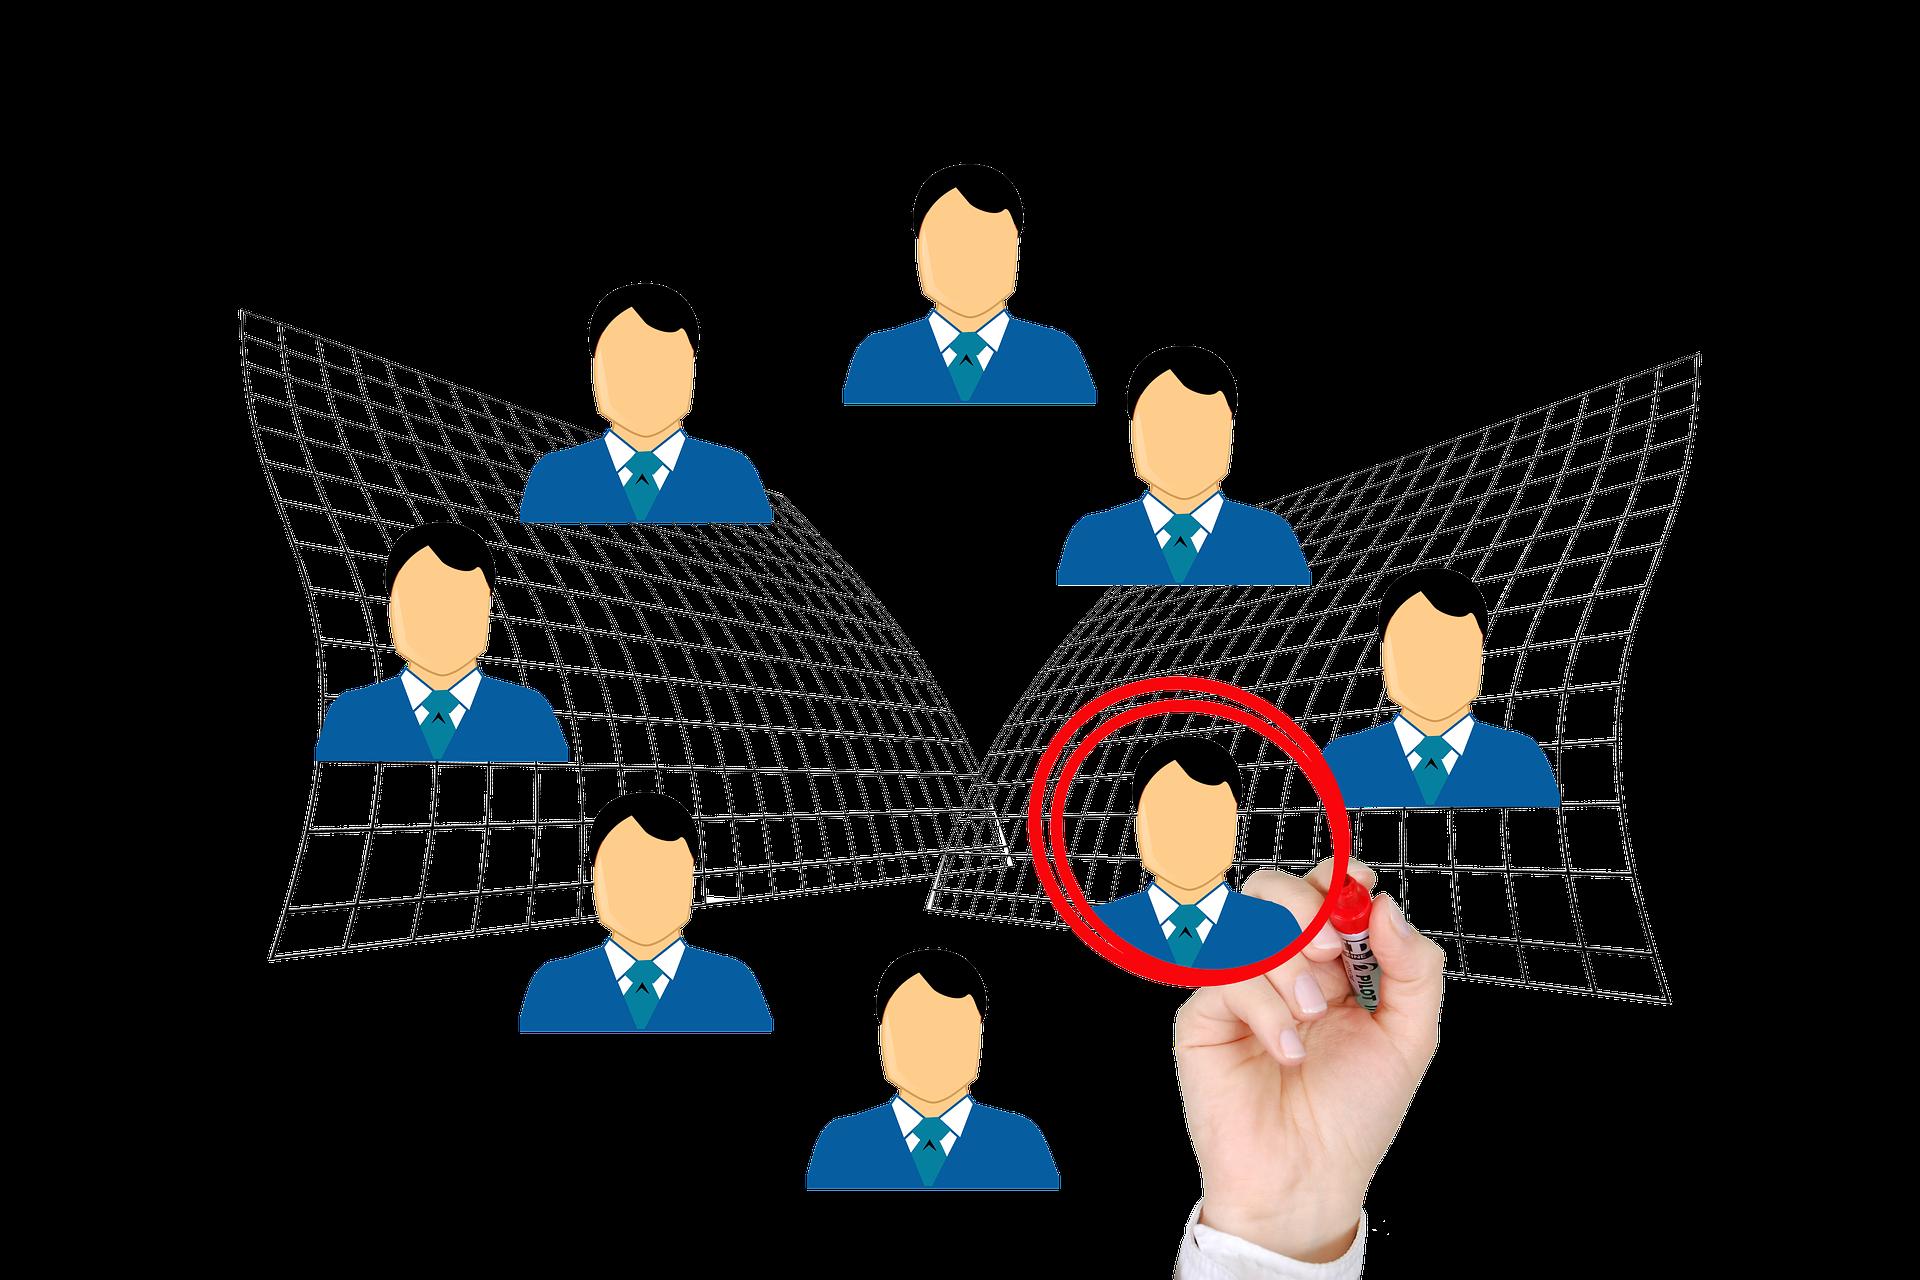 賃貸不動産経営管理士の資格があると求人は有利に働くの? 資格スクエア 賃貸不動産経営管理士